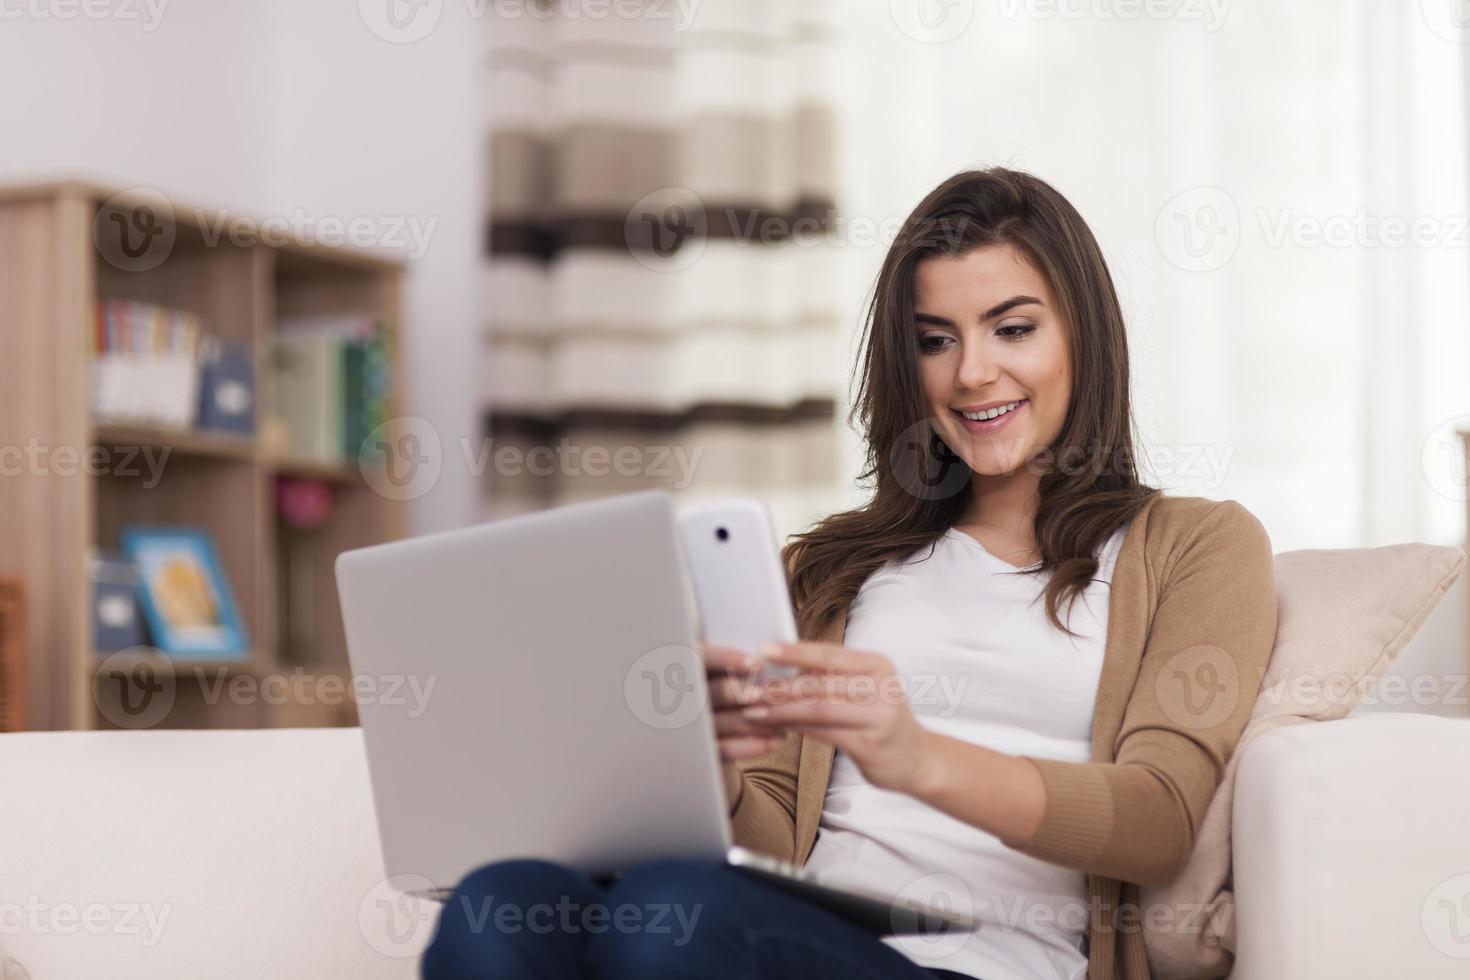 mulher digitalizando código qr pelo celular em casa foto